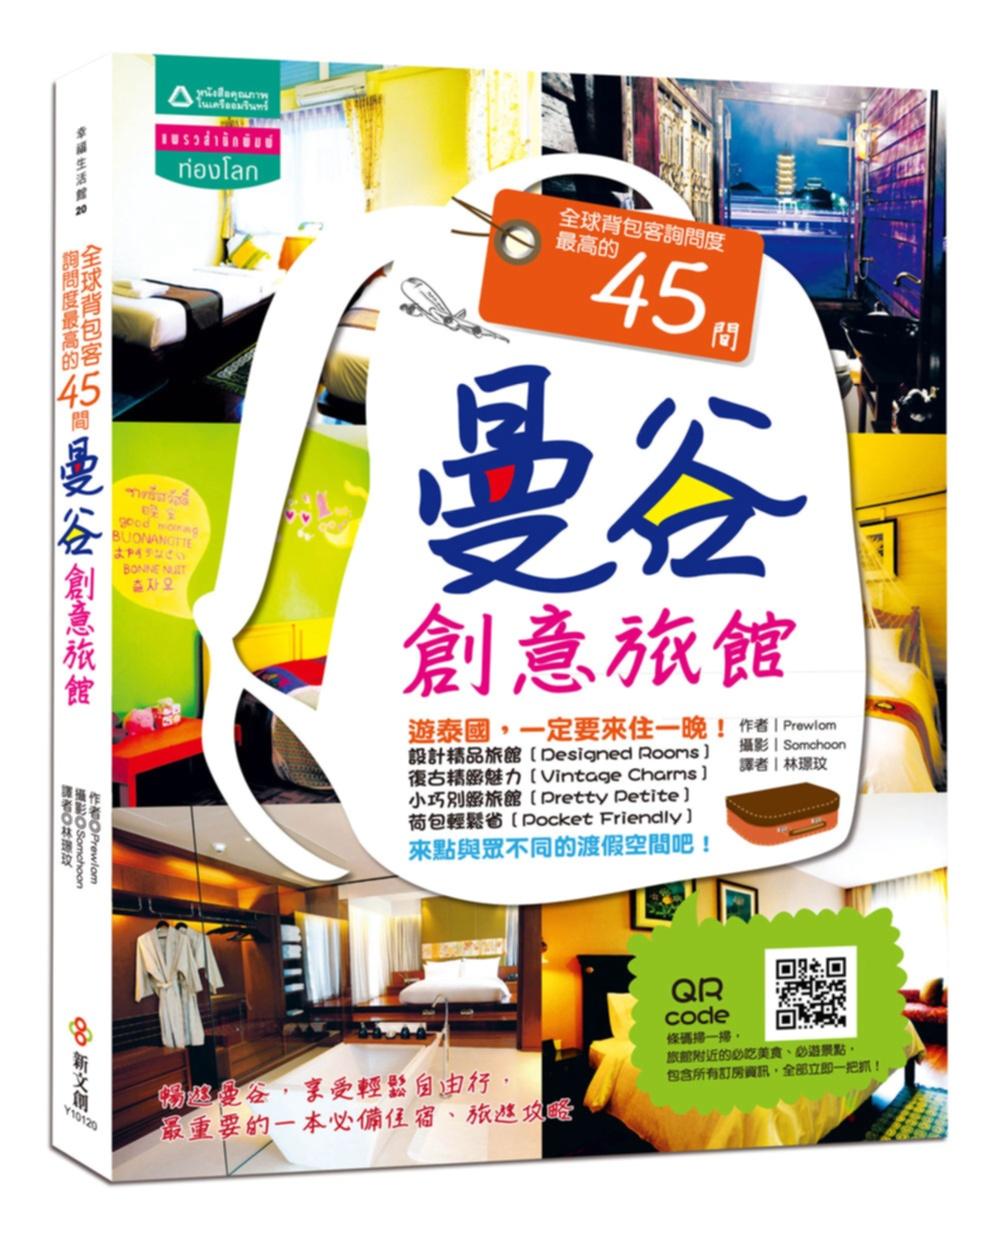 背包客 度 的45間曼谷 旅館:暢遊泰國,享受輕鬆自由行,最重要的第一本 住宿、旅遊攻略